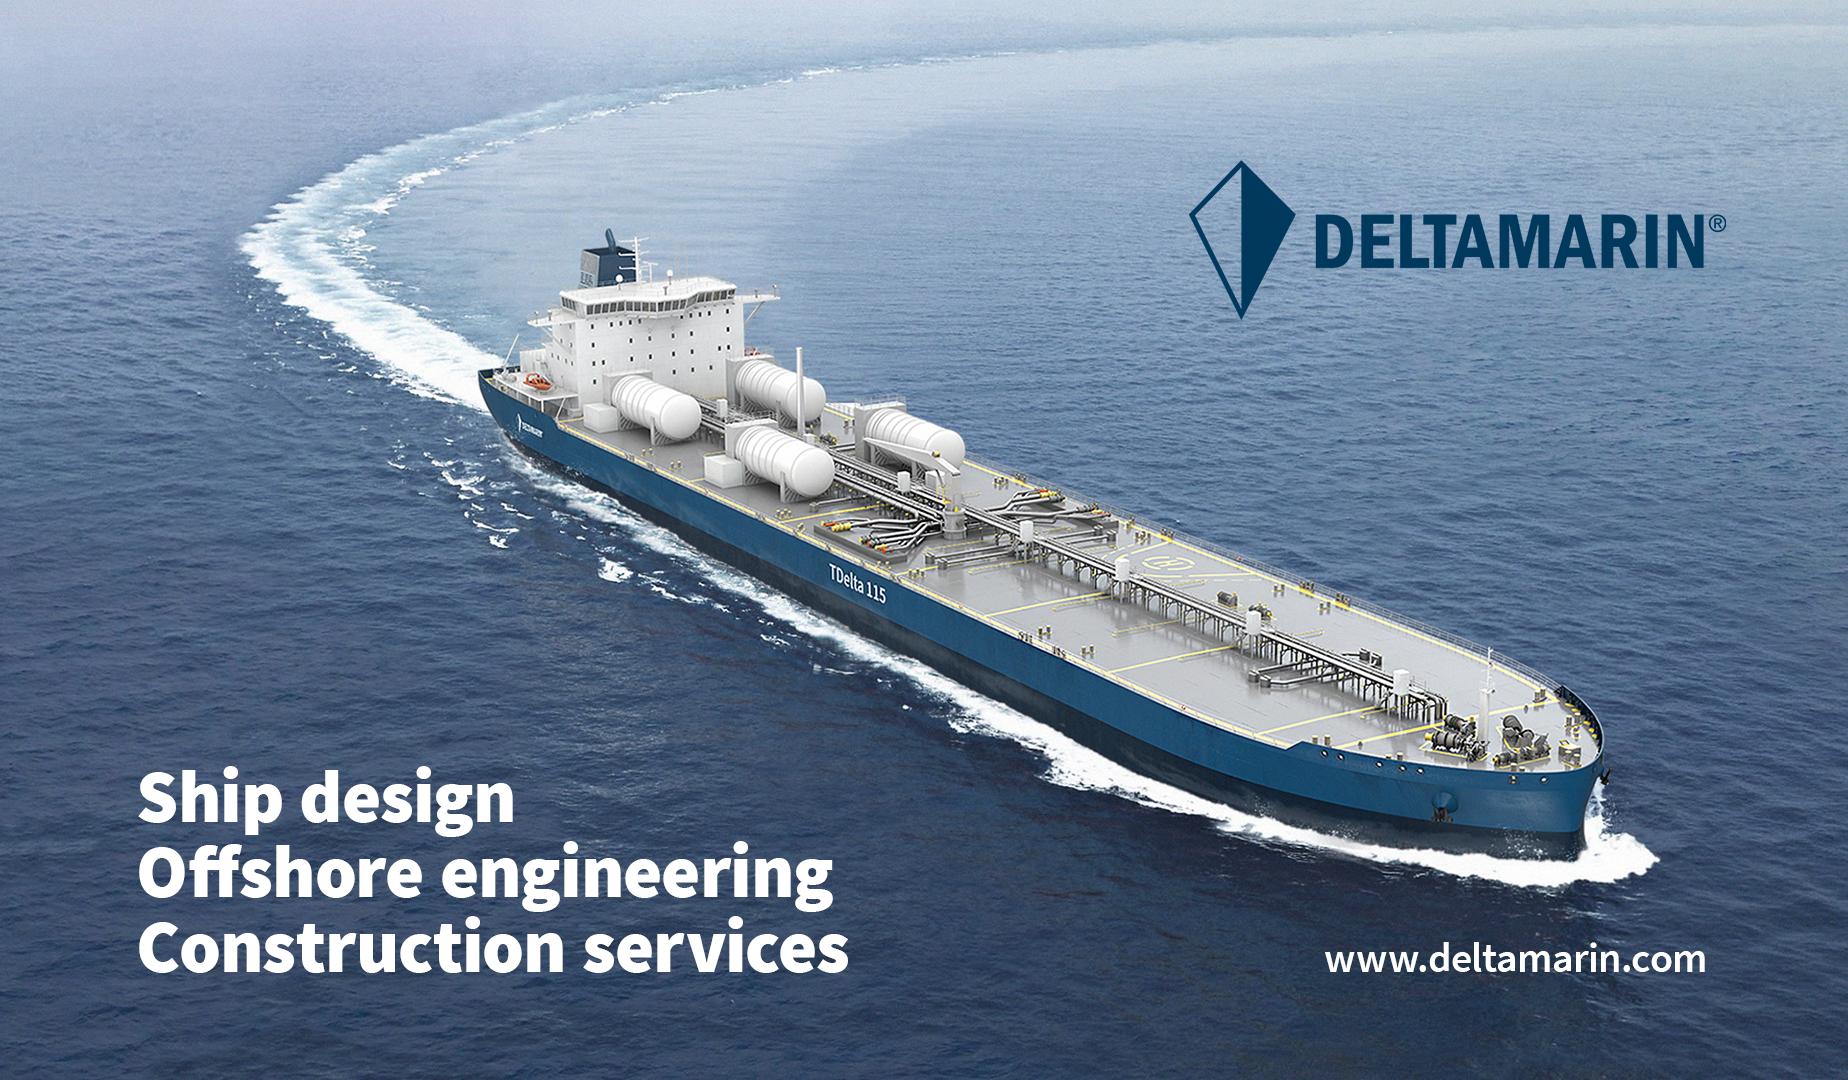 Laivojen suunnittelu on turvattu tekoälyn ja ihmisten yhdistelmällä